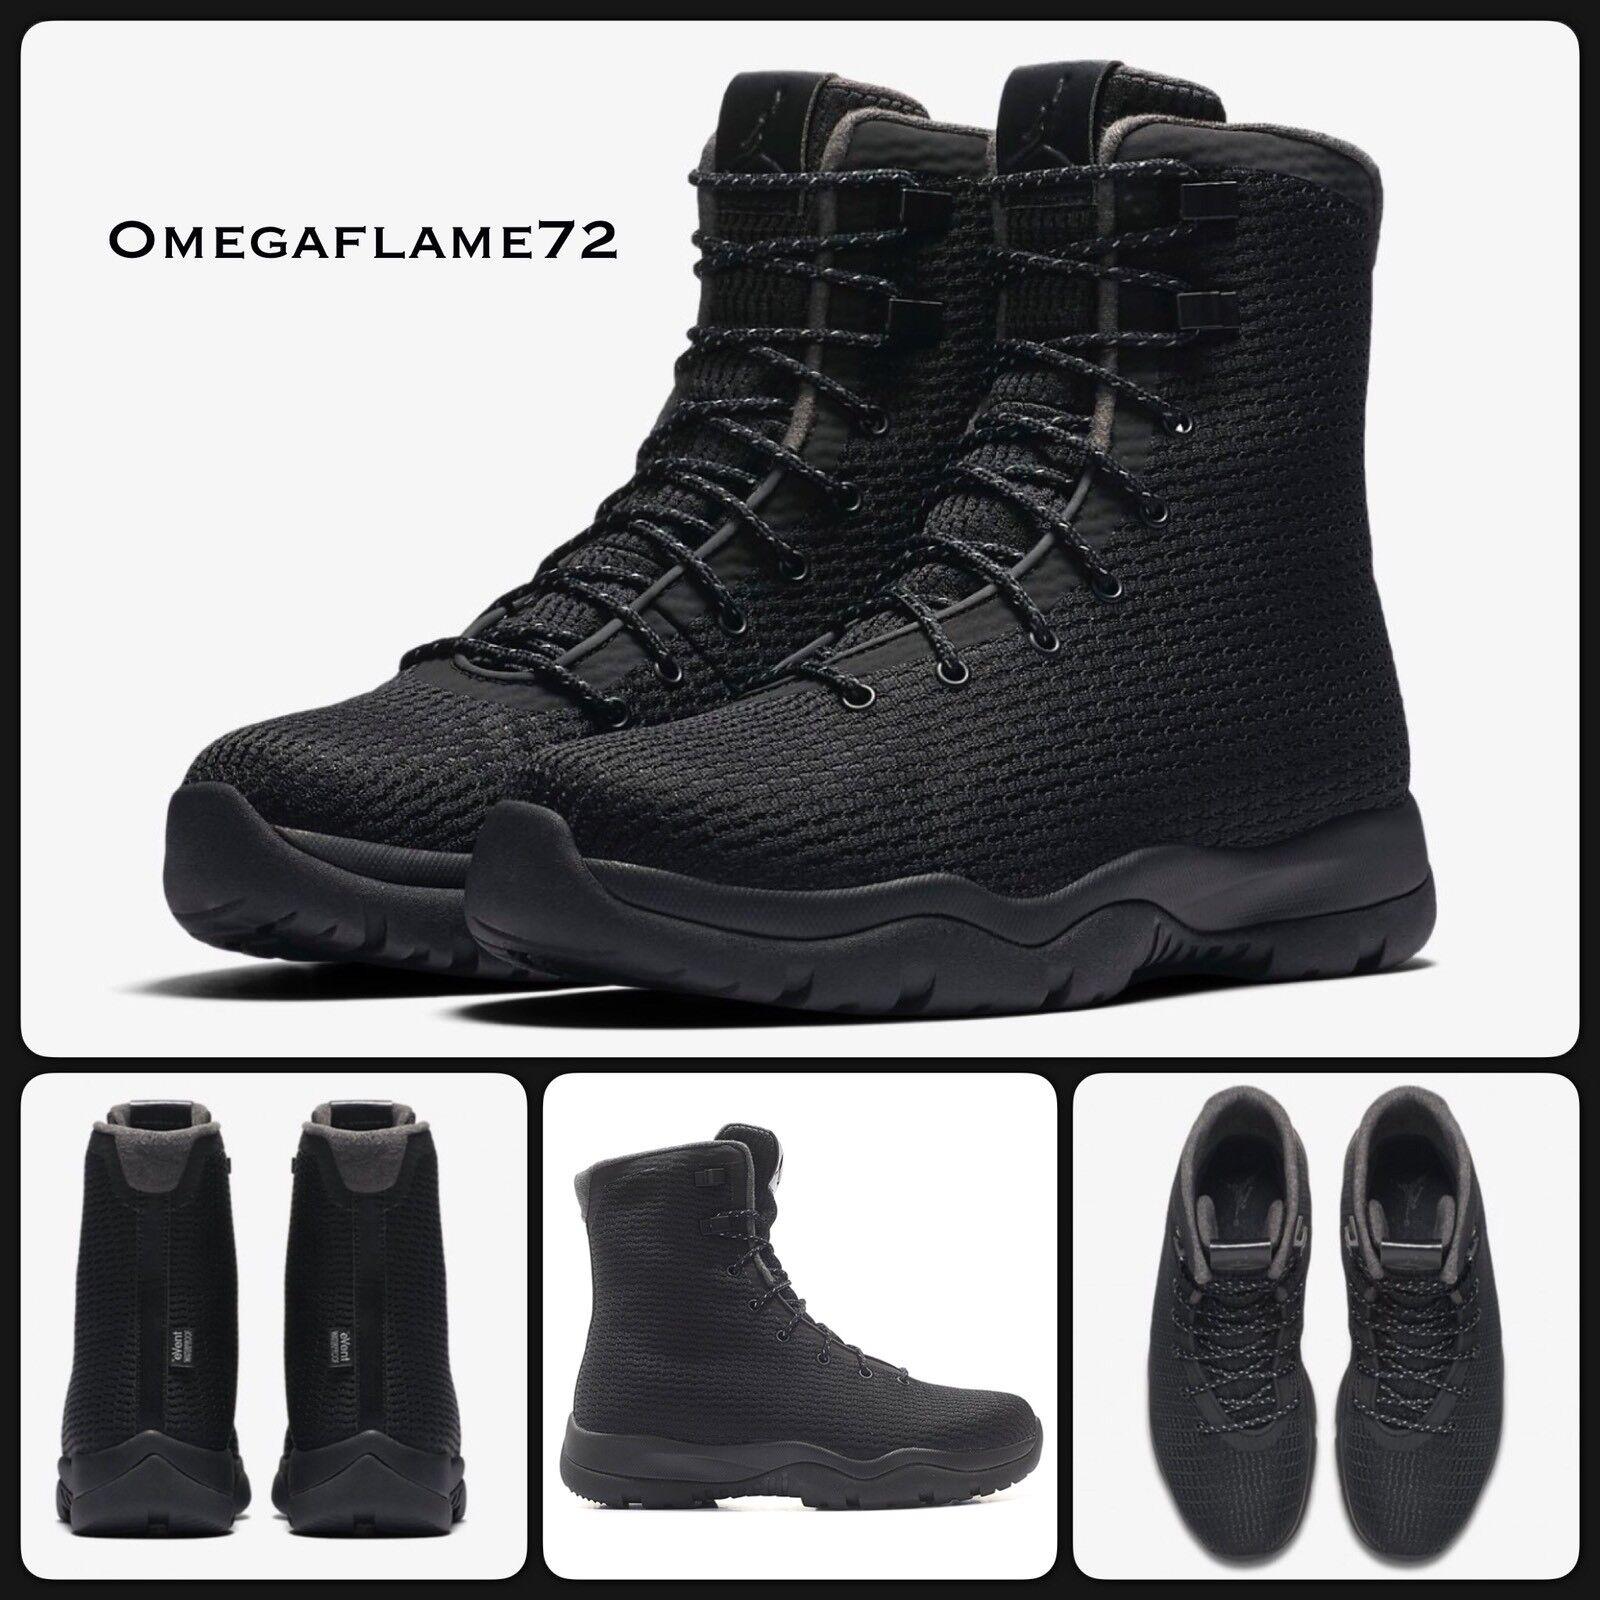 Nike air jordan zukunft boot wasserdicht, 854554-002, uns 9,5 9,5 9,5 schwarz 302482